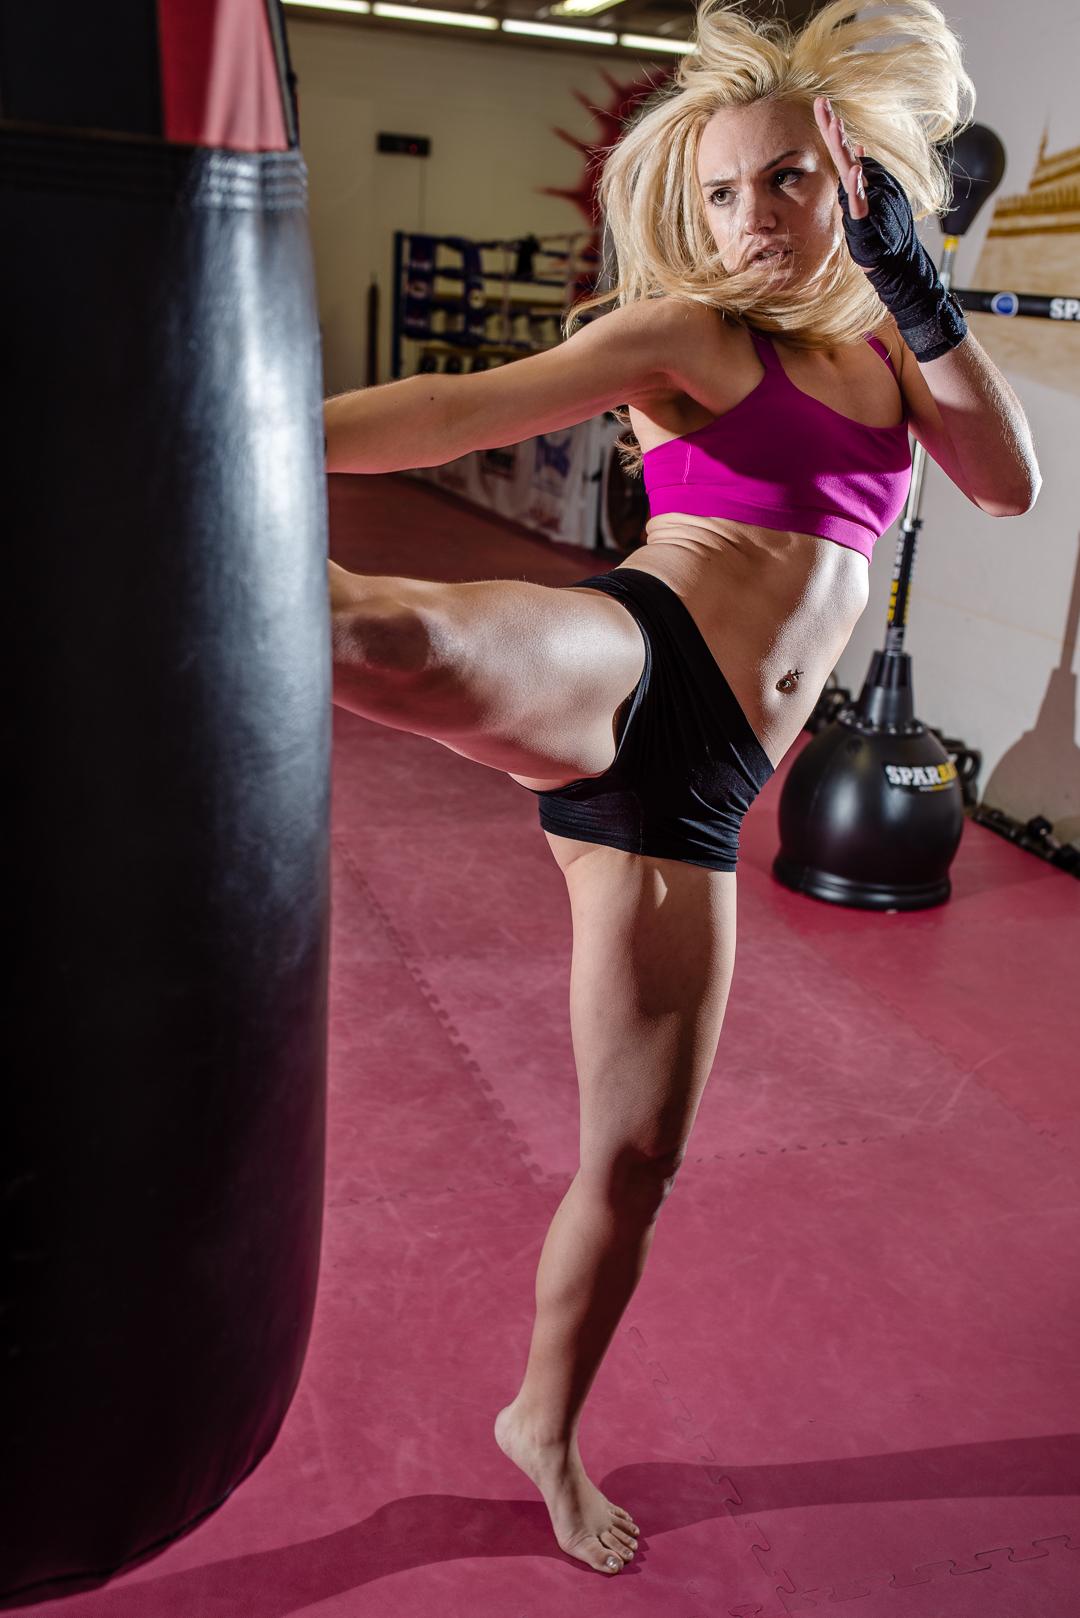 Taylor_Fitness-121.jpg